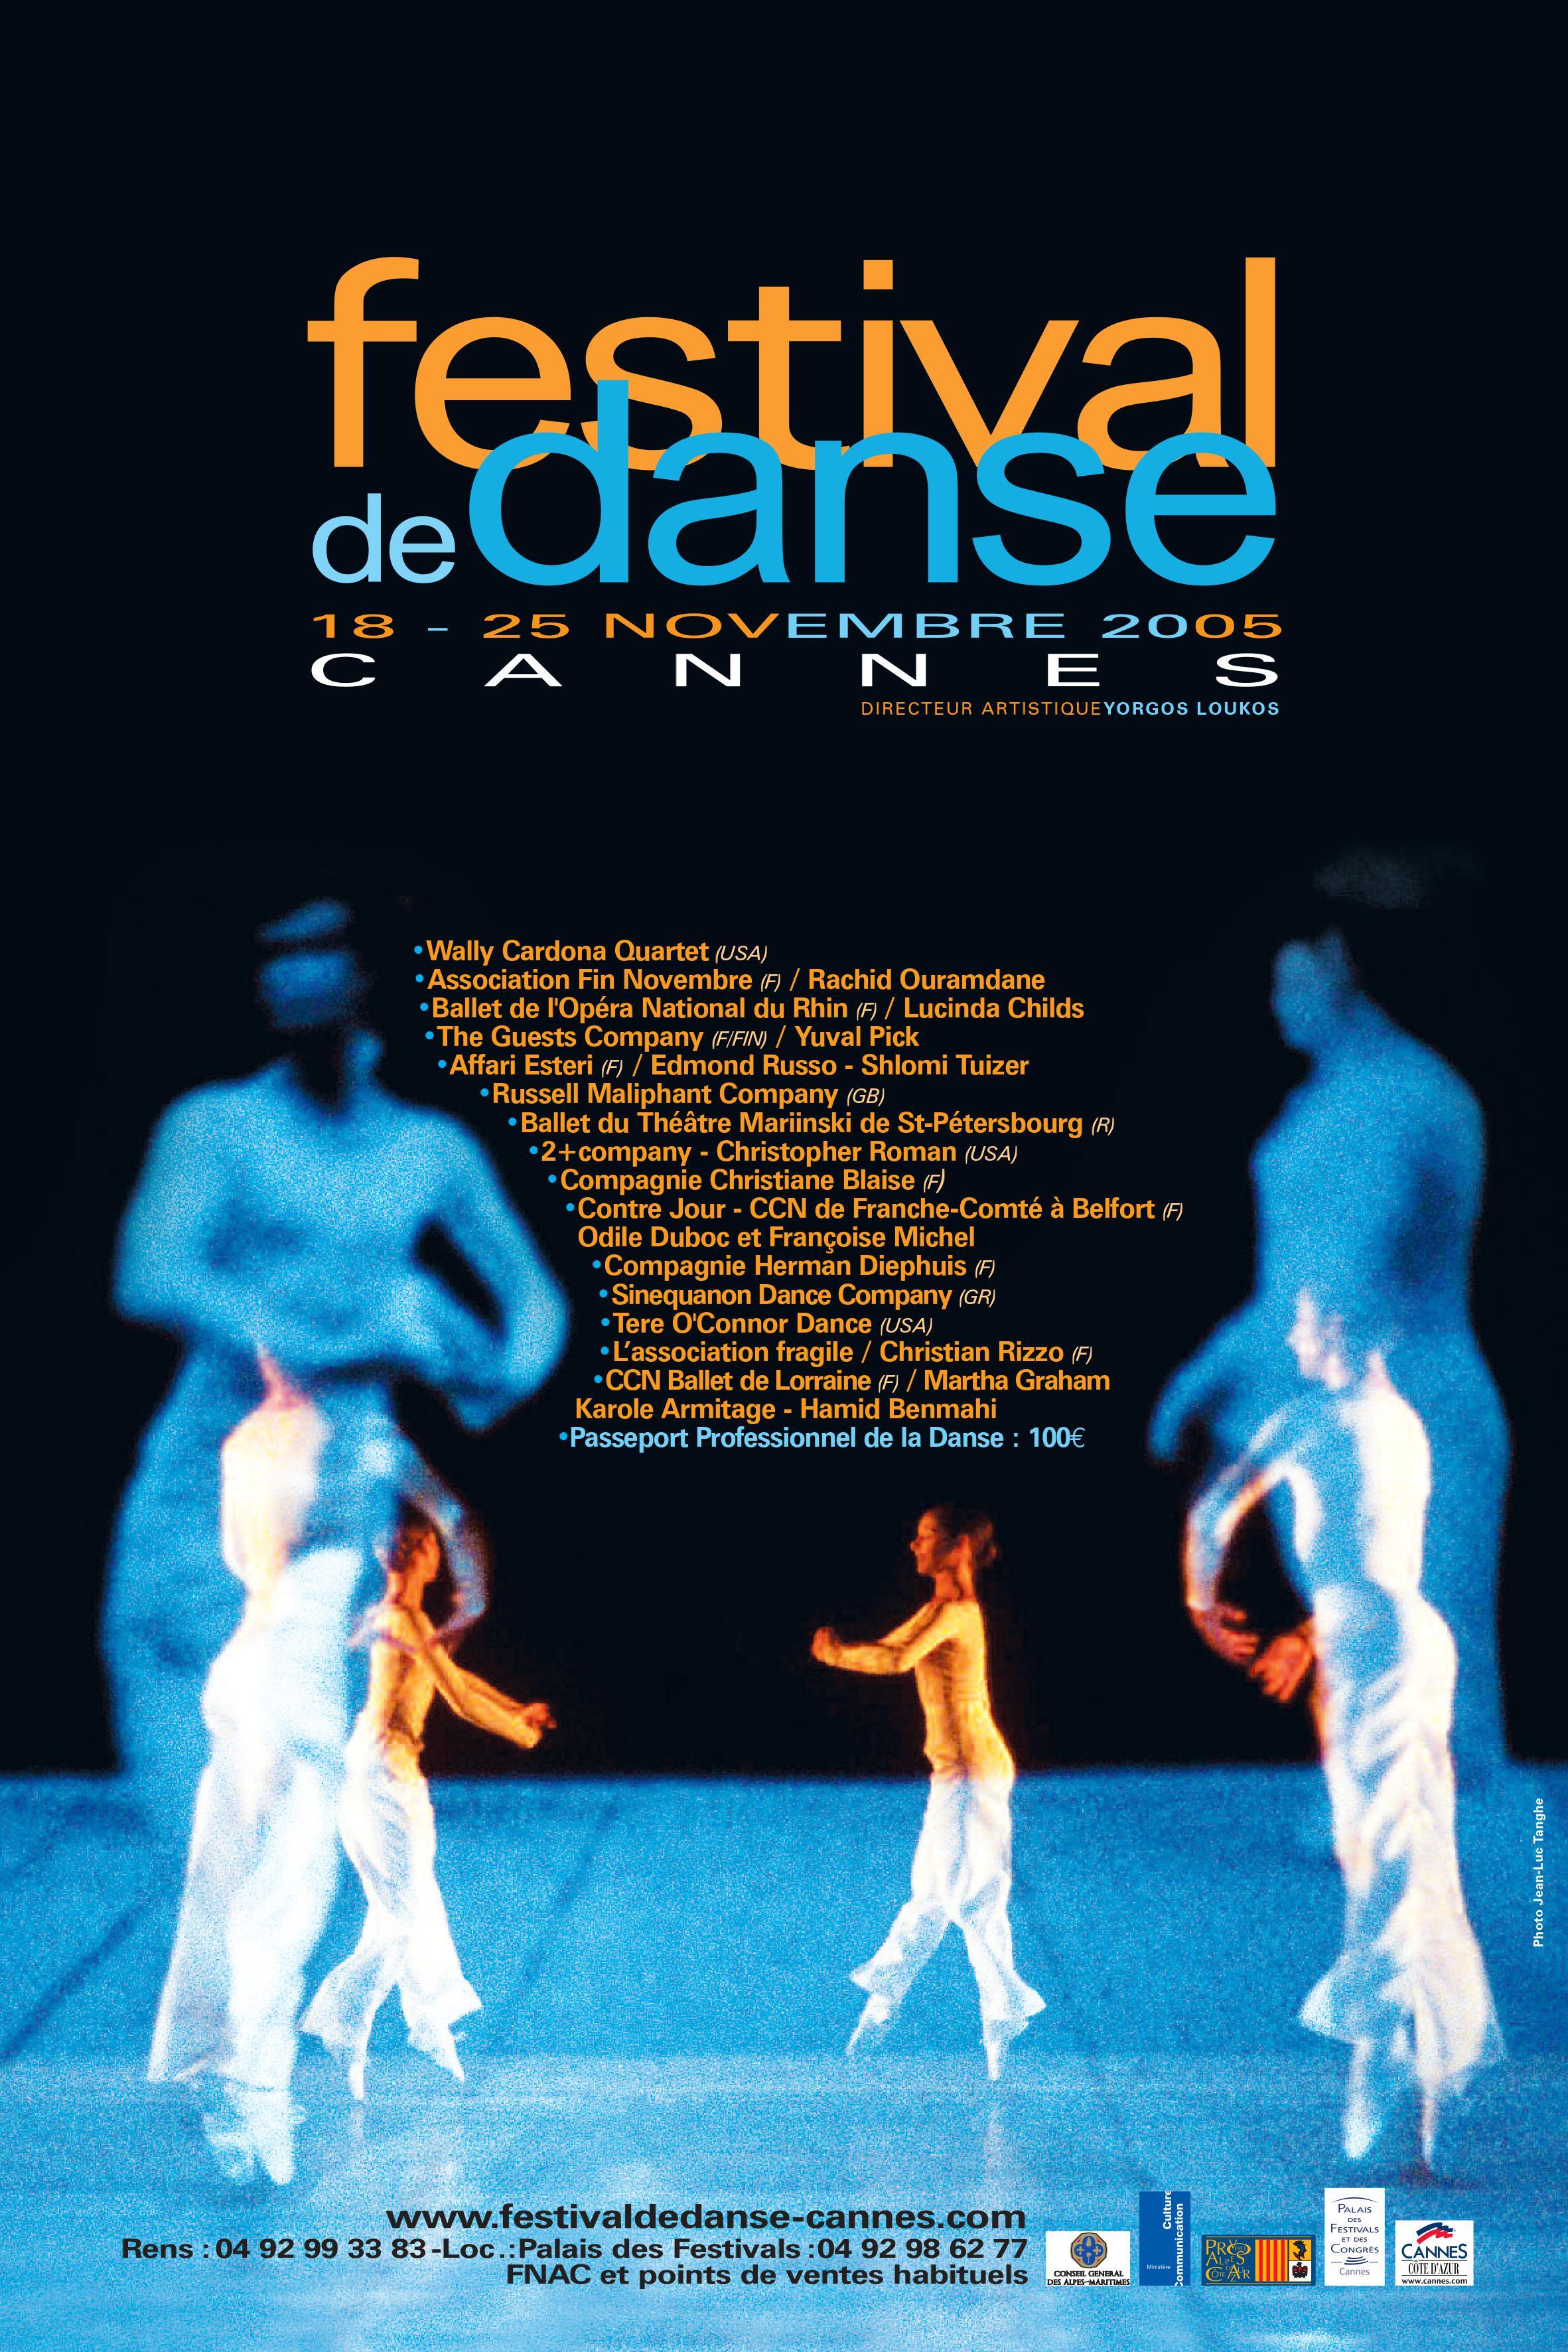 Festival de Danse Cannes 2005